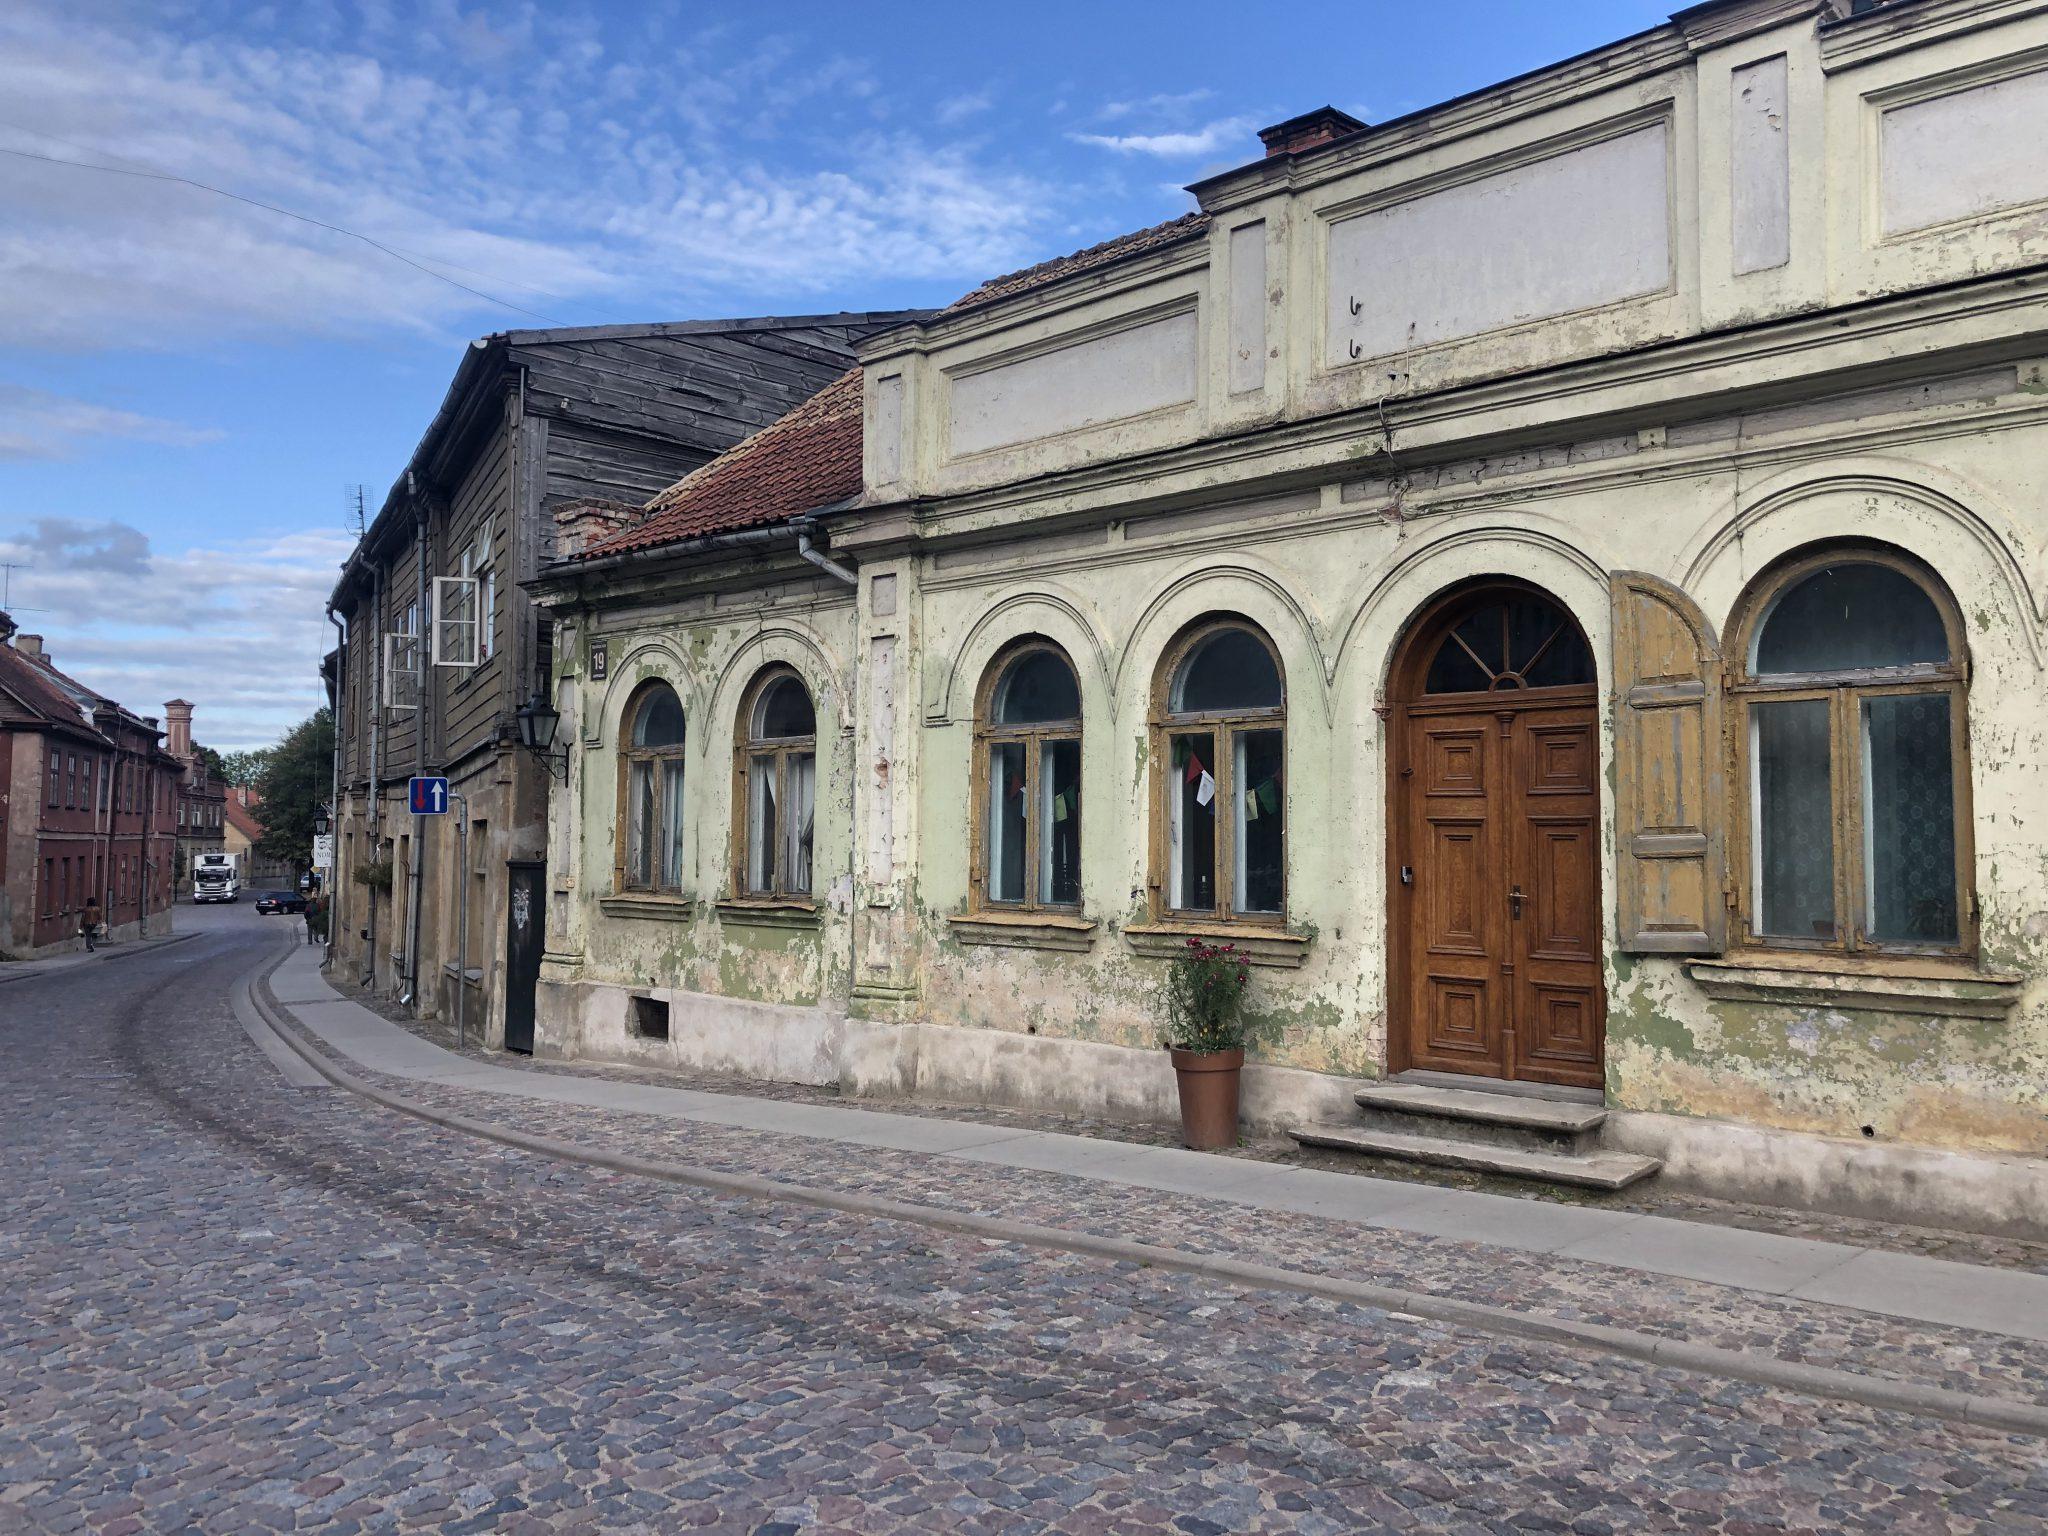 Das Stadtzentrum beherbergt schmale Gassen, alte Holzhäuser mit einem Schornstein in der Mitte und einem roten Ziegeldach.